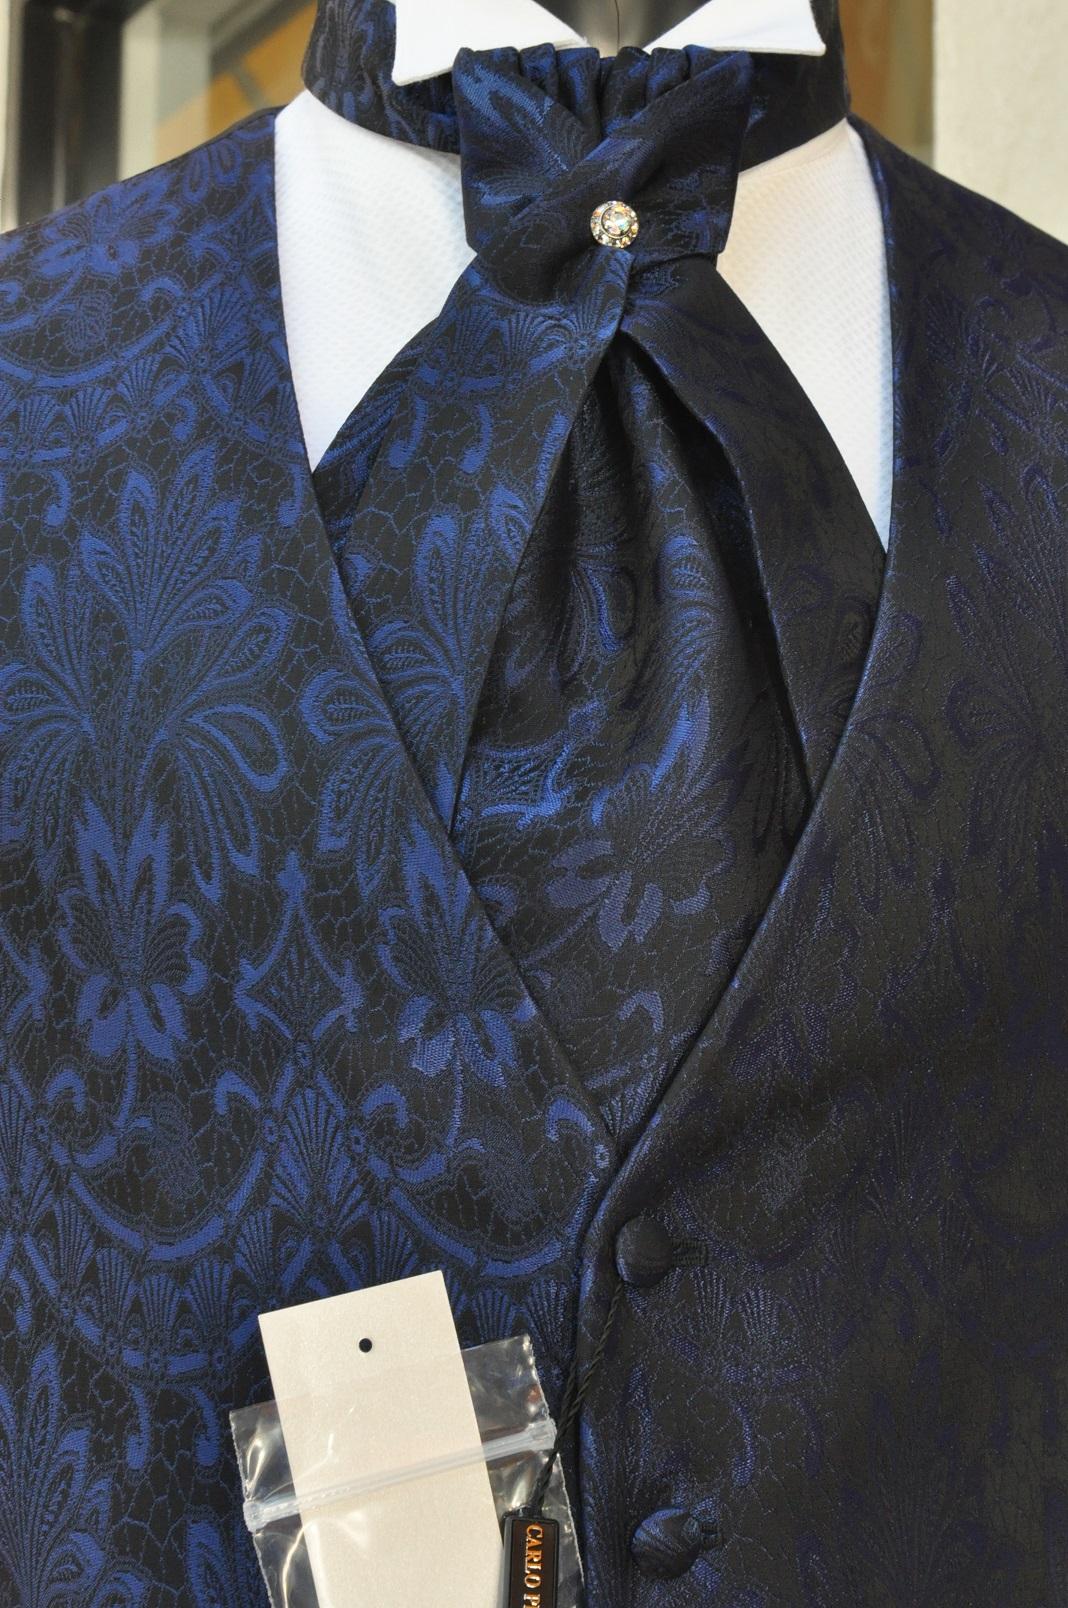 dfd8088be0363 Ropa Italiana para Hombre Miami - Tuxedo Accessories